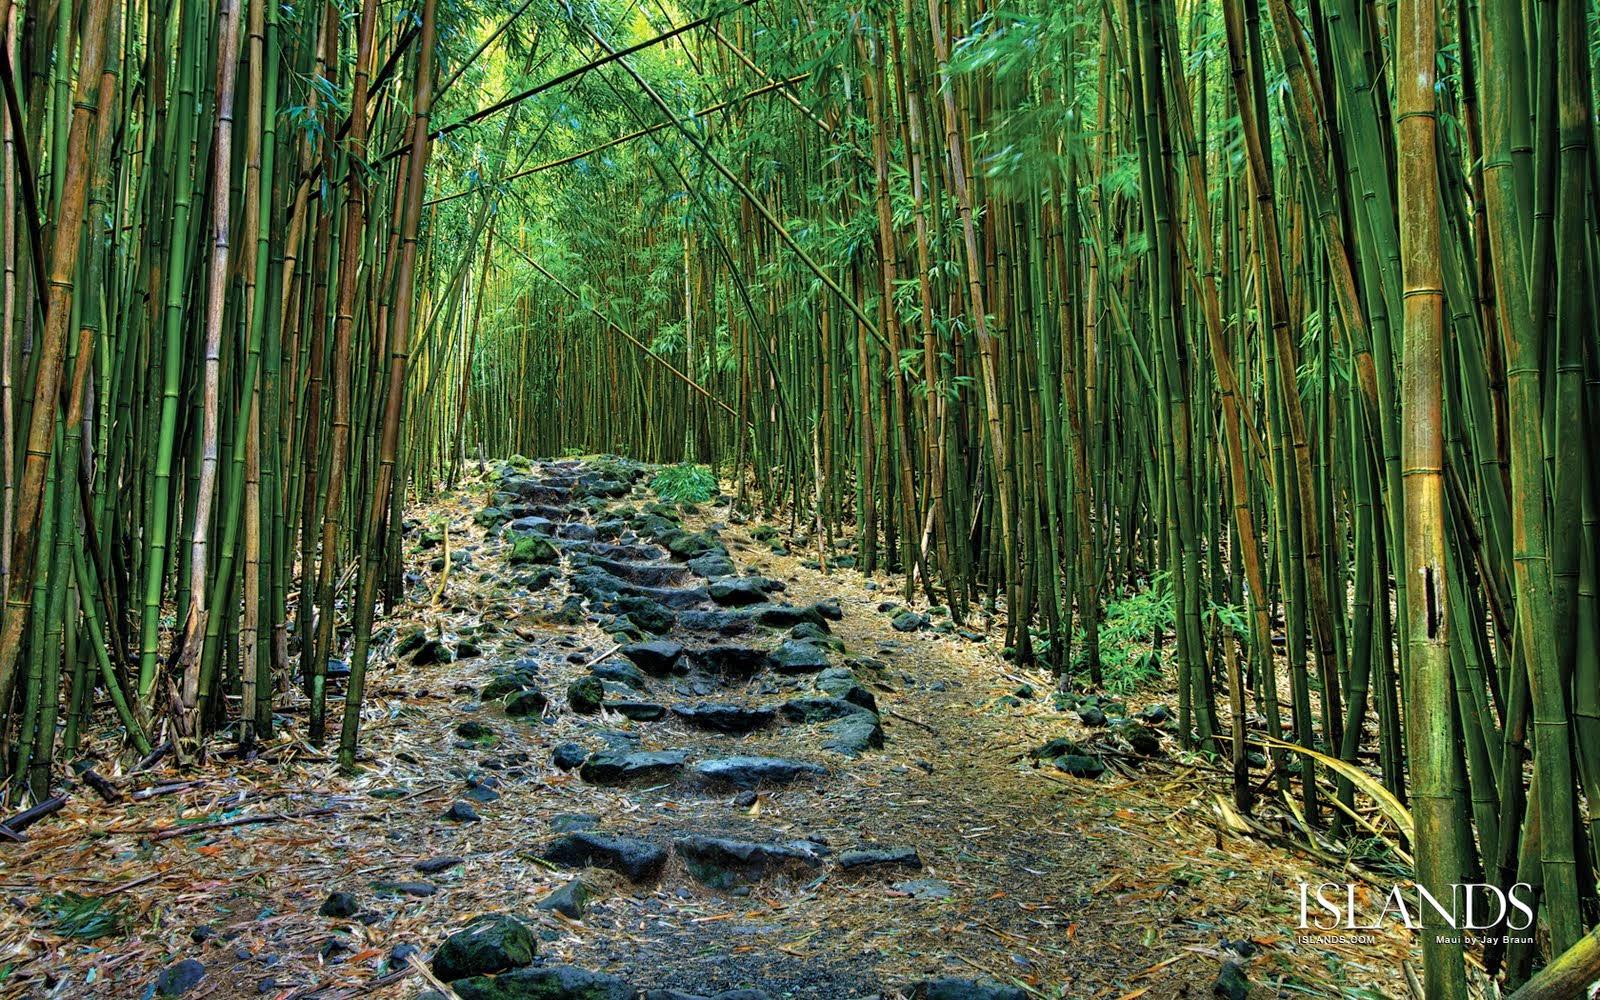 ... pemandangan hutan ini dijamin puas bagi yang melihat hutan ini semoga